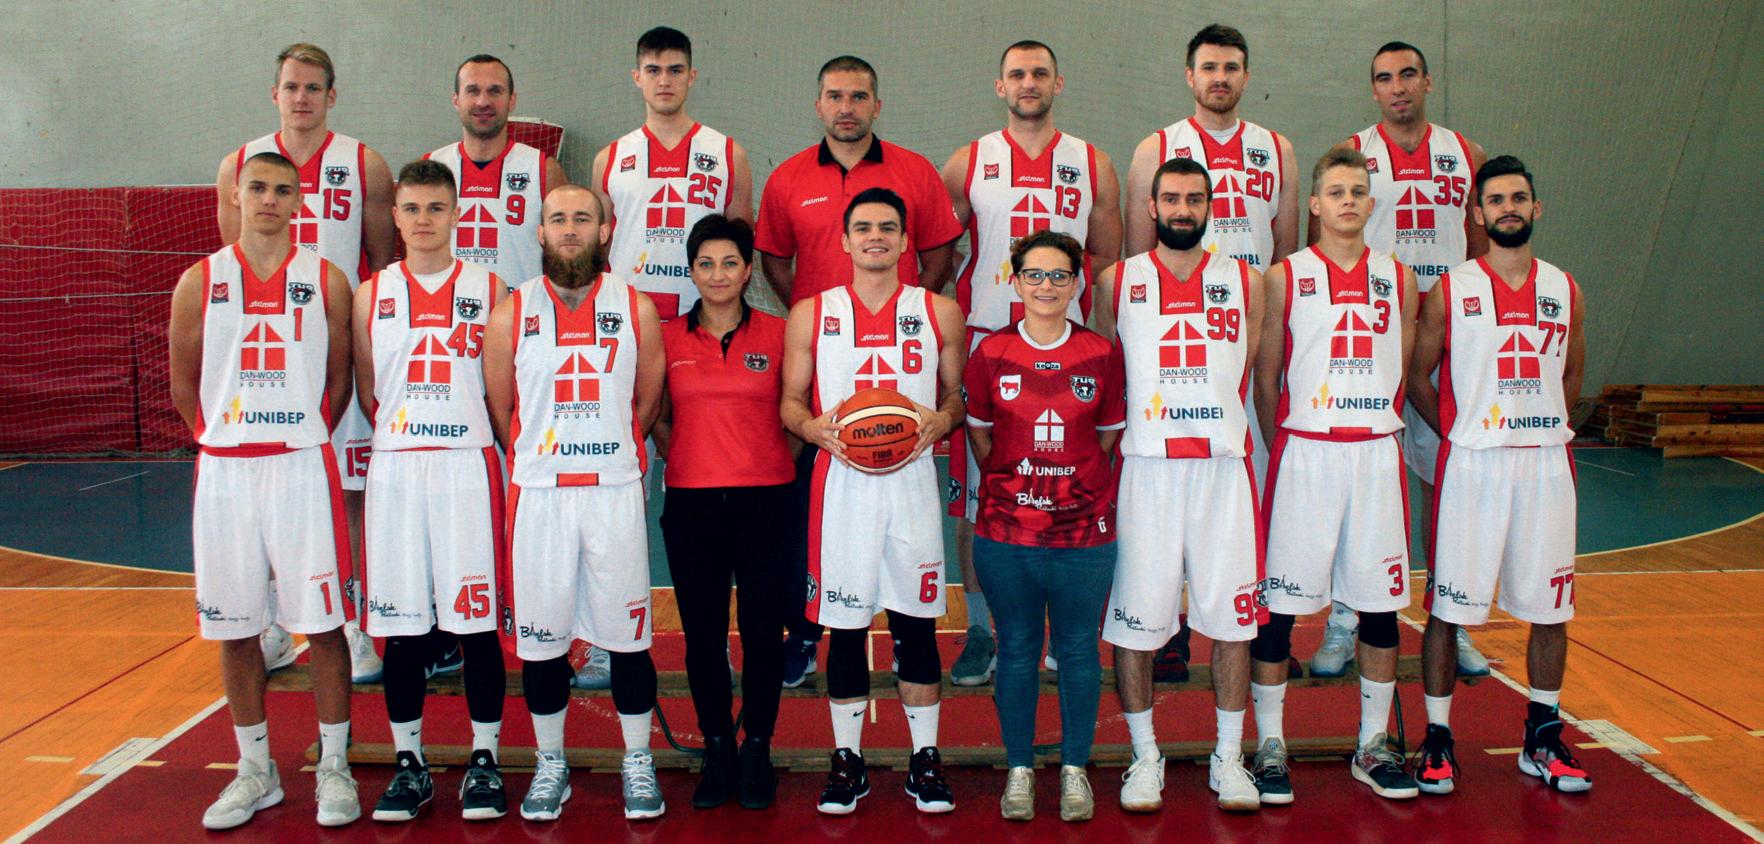 Drużyna Tur Basket Bielsk Podlaski występująca w sezonie 2018-2019.